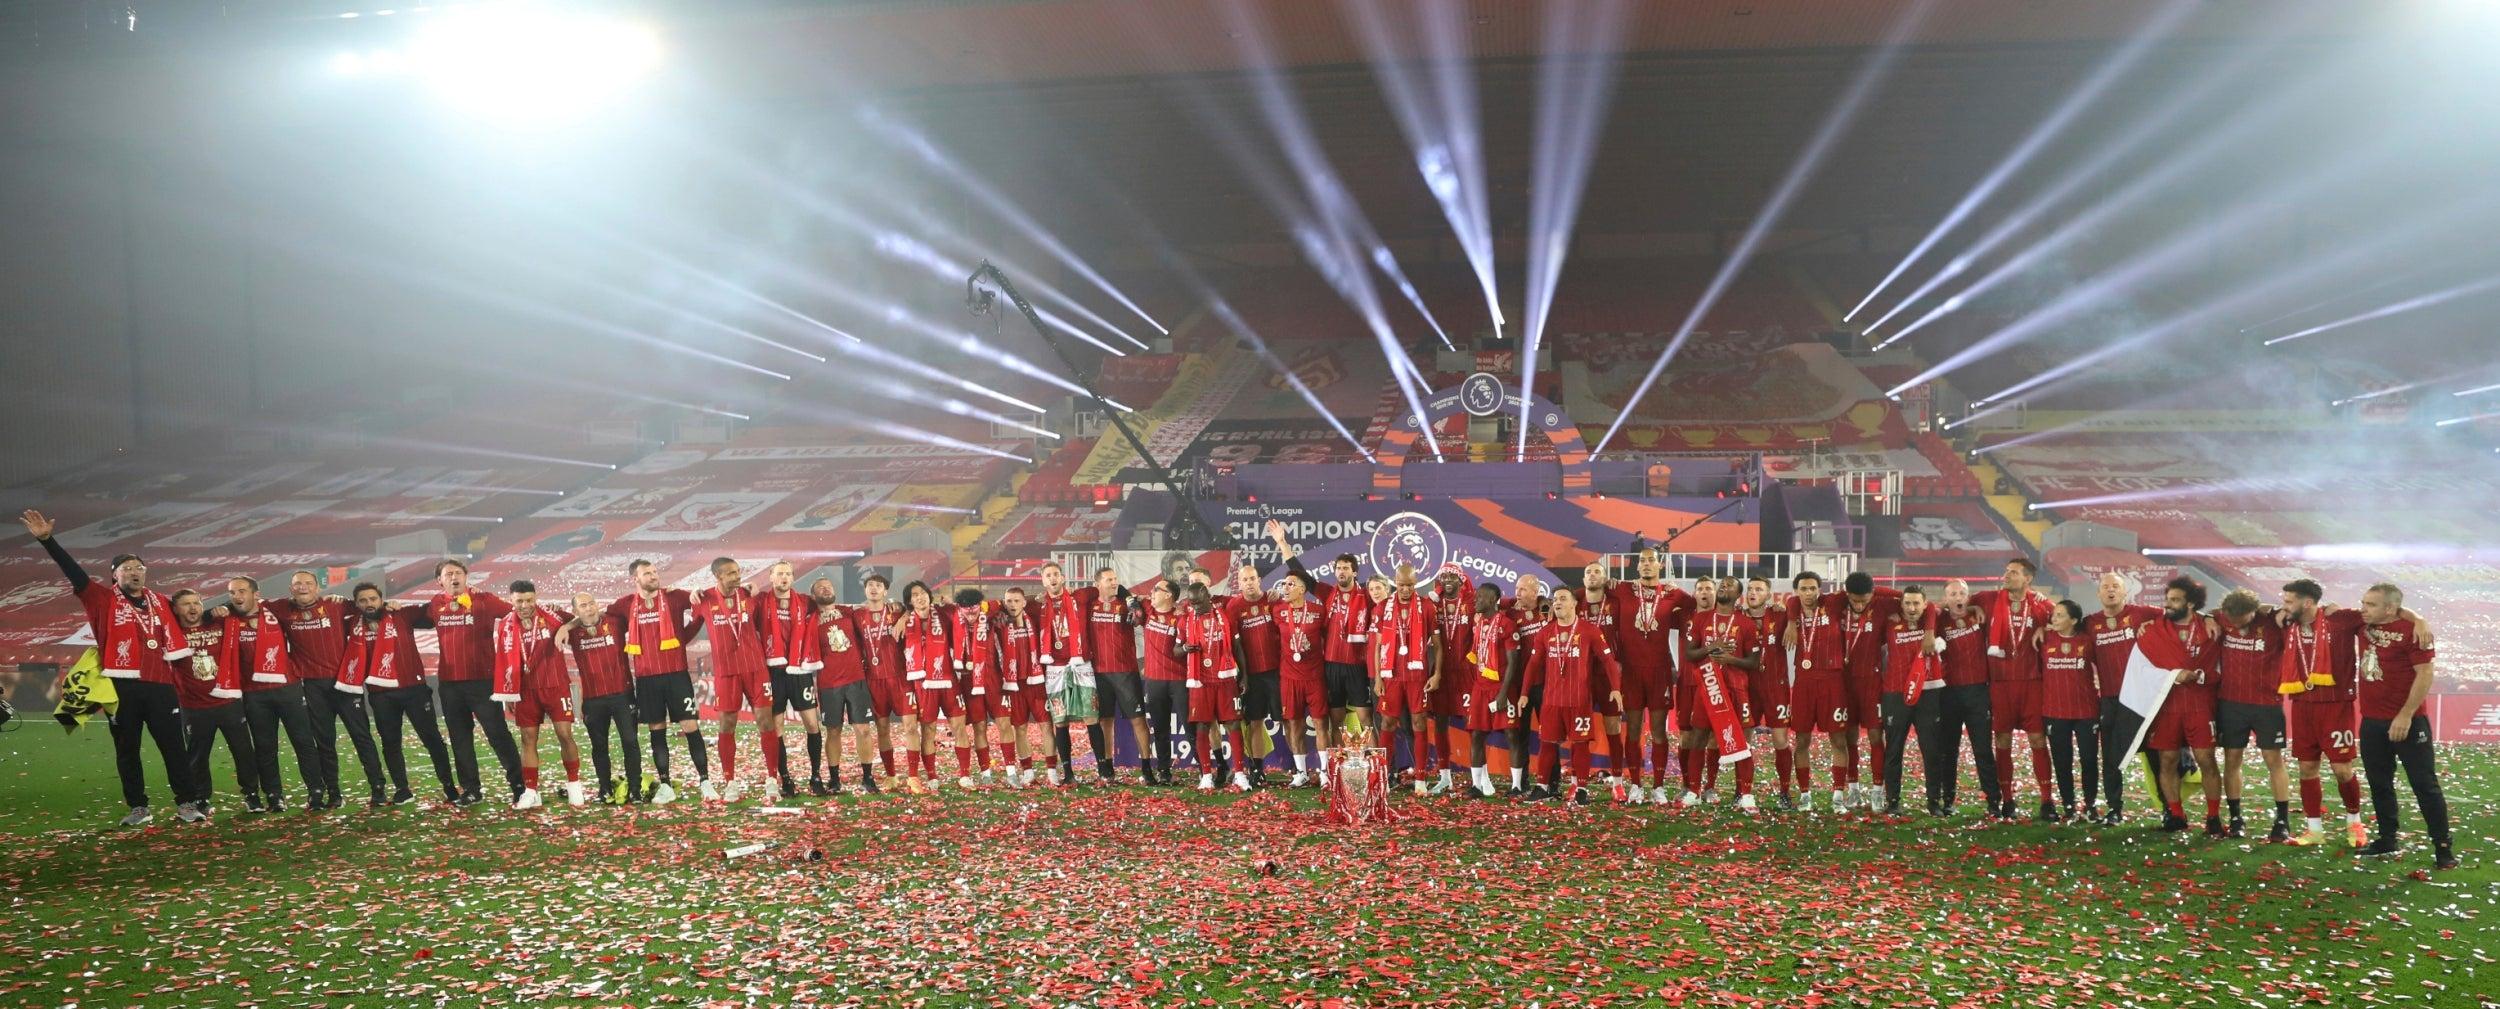 Liverpool lift the Premier League trophy